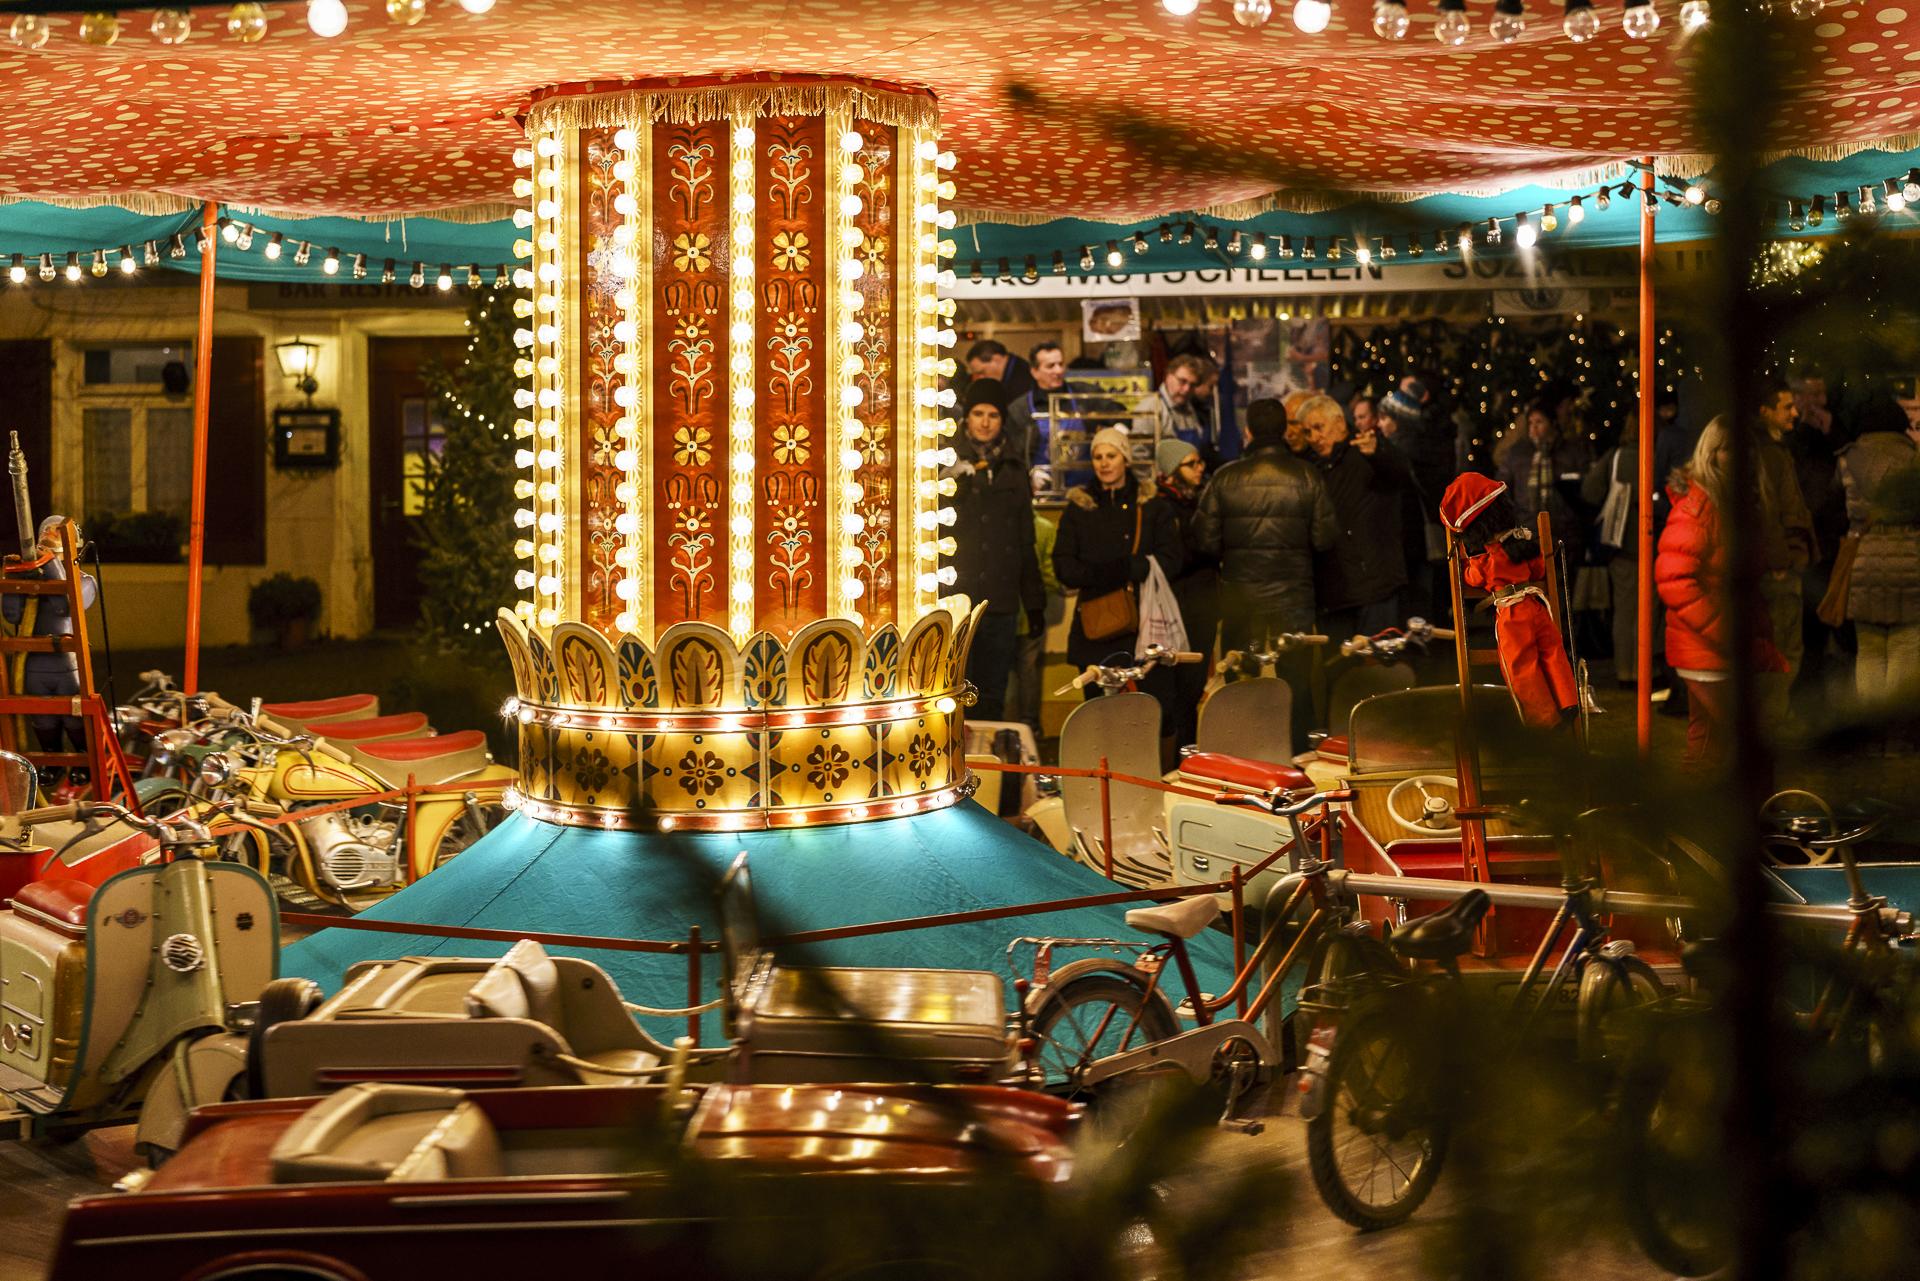 karussell-bremgarten-weihnachtsmark